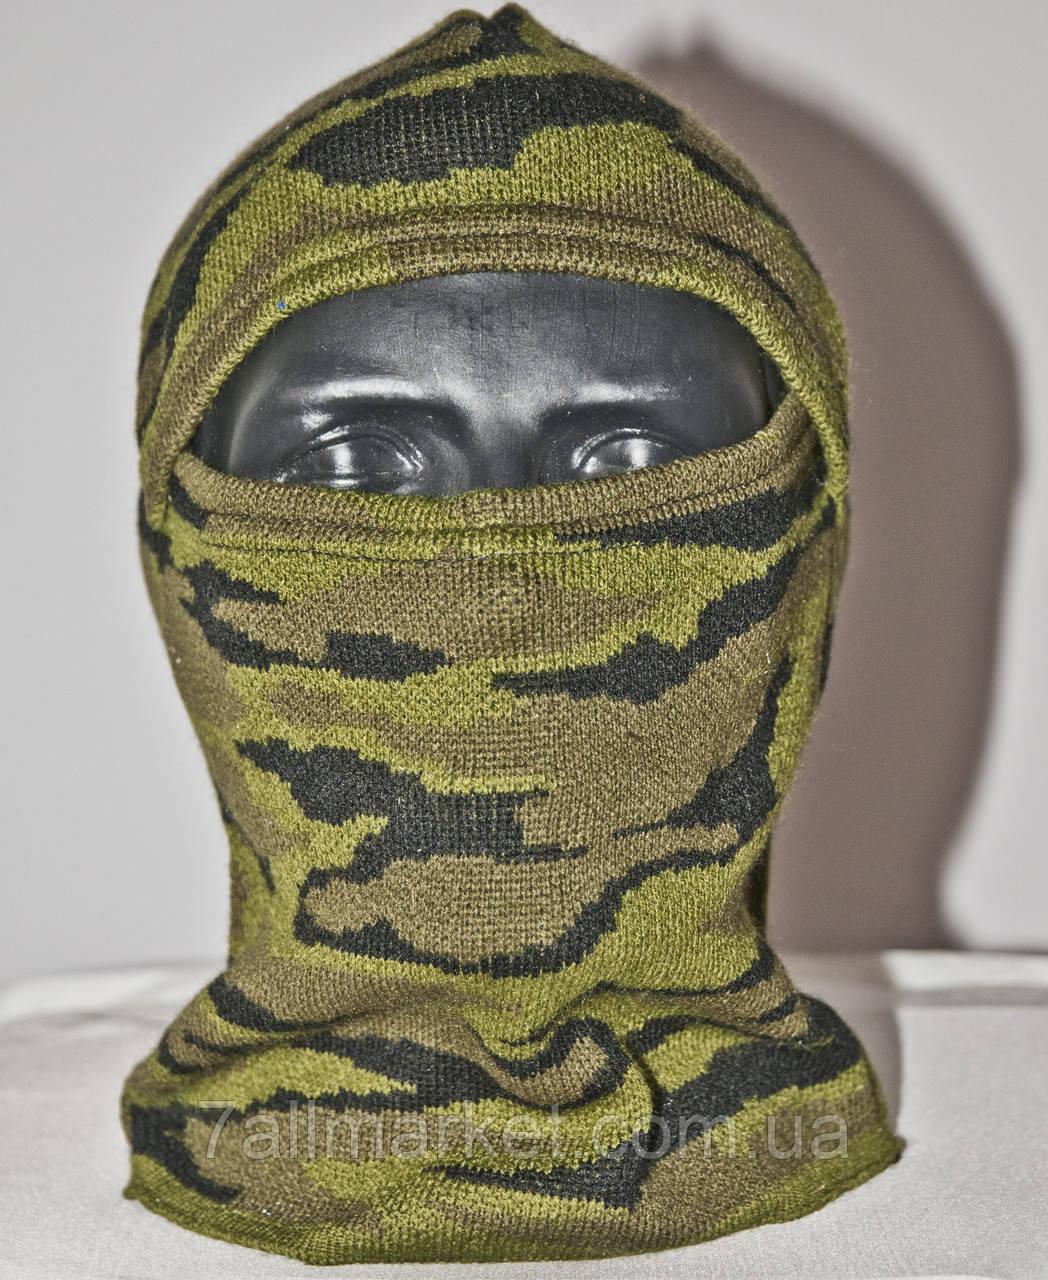 """Маска-балаклава мужская вязаная камуфляж размер универсальный """"VOENTORG"""" купить оптом в Одессе на 7км"""